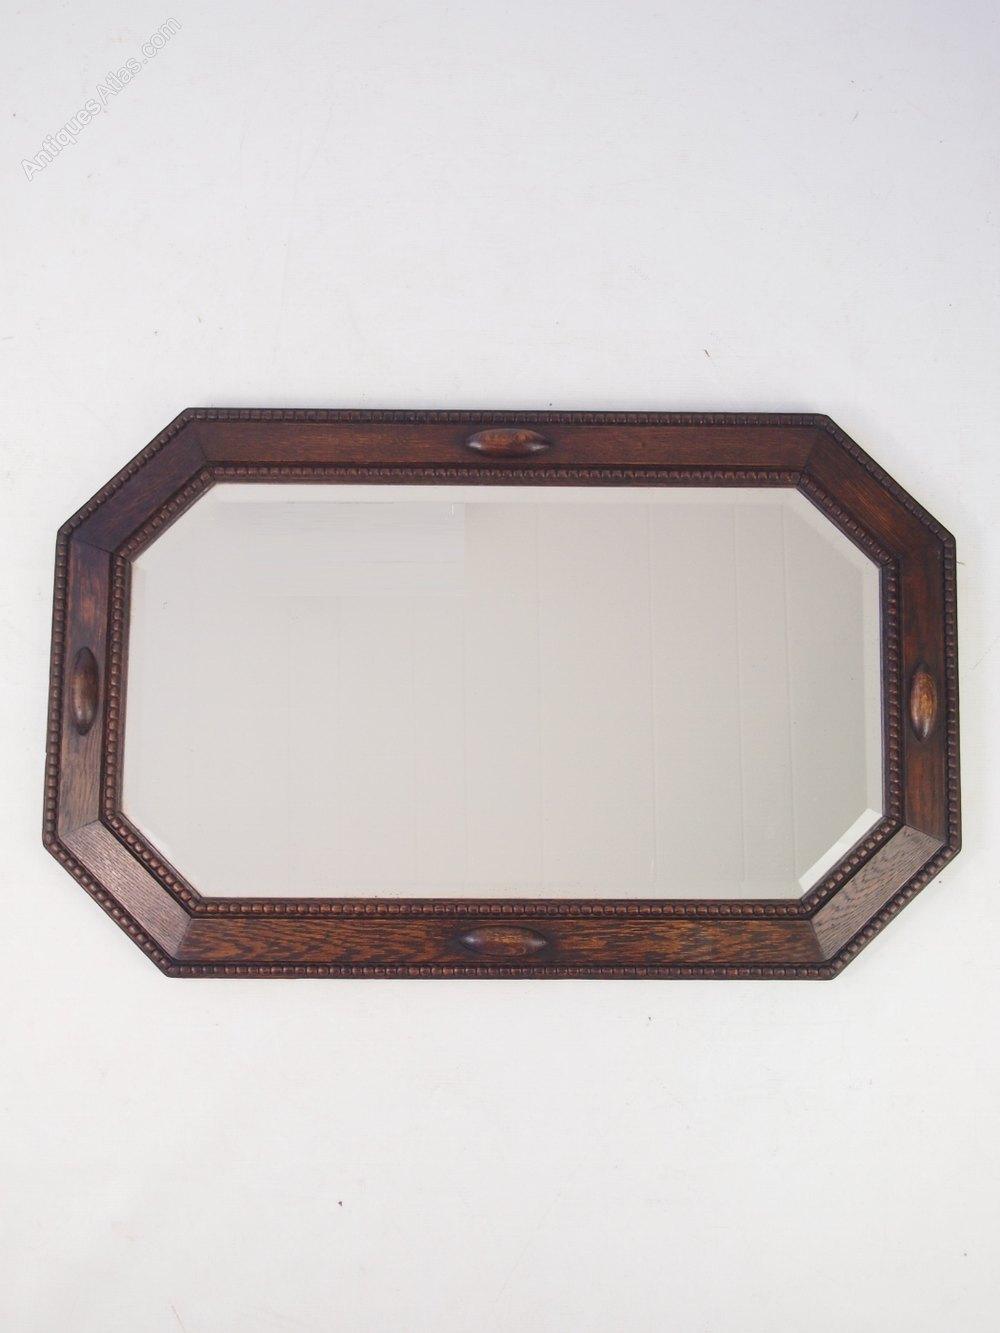 Antiques atlas vintage oak framed mirror or overmantle for Overmantle mirror